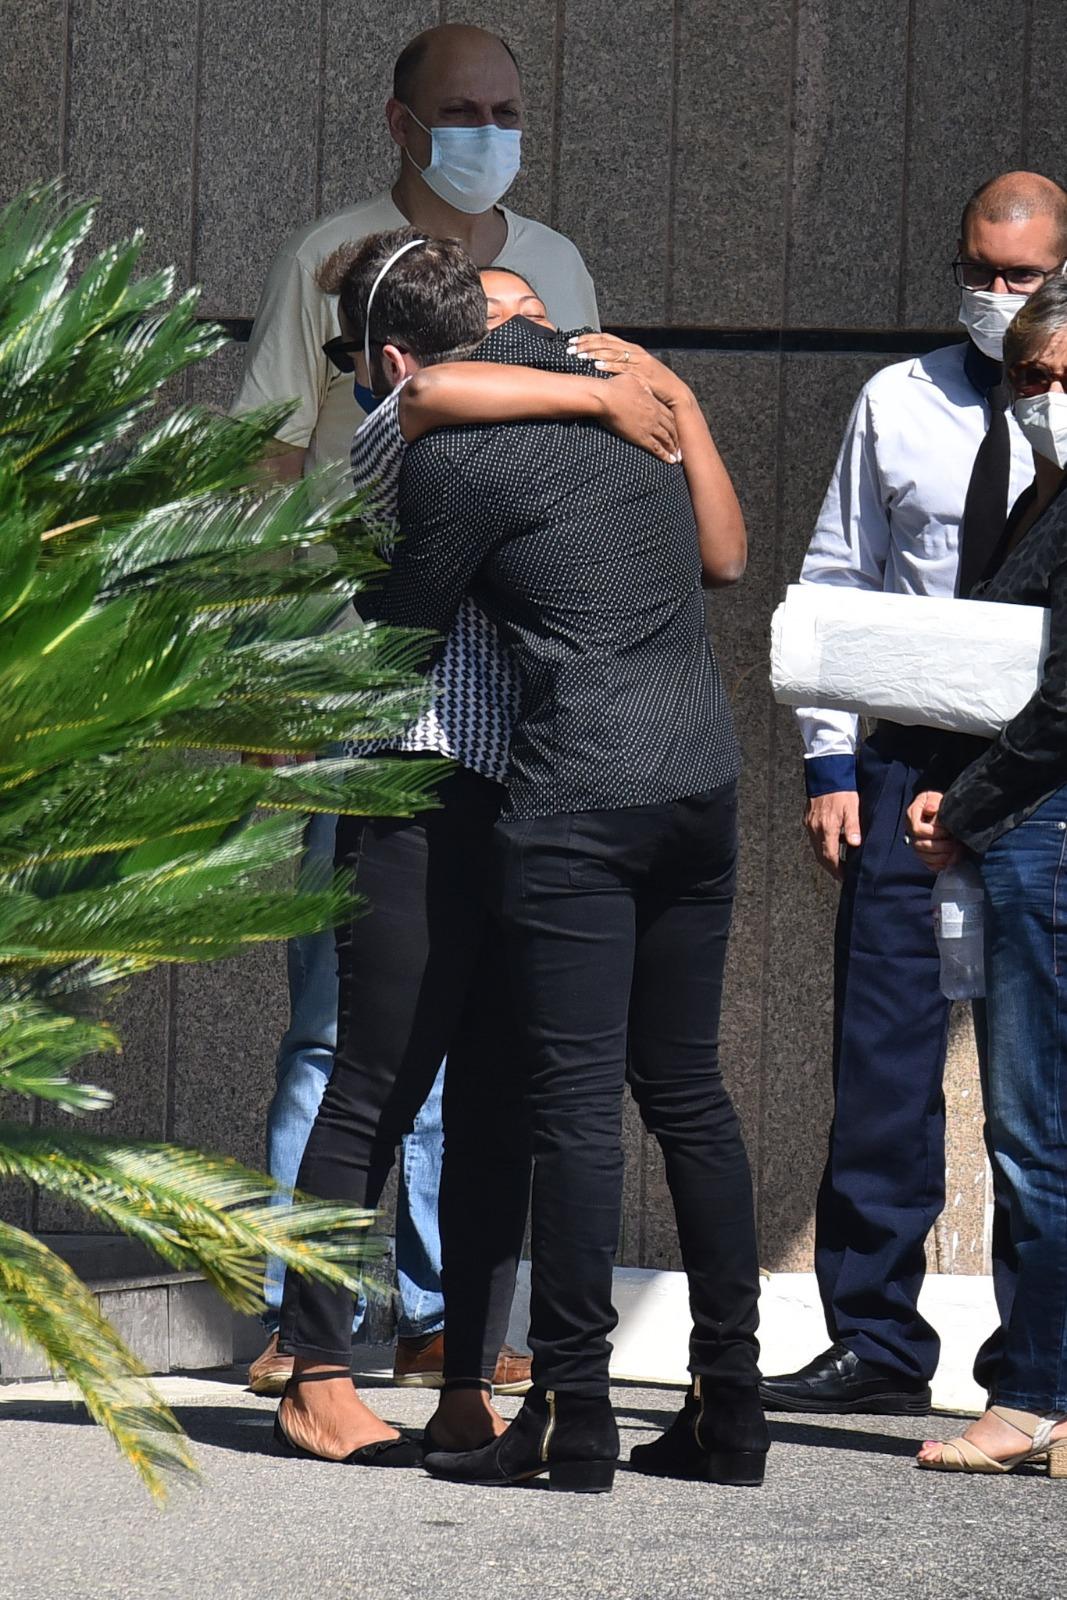 Thales Bretas recebeu as condolências no Memorial da Colina (Foto: AgNews)